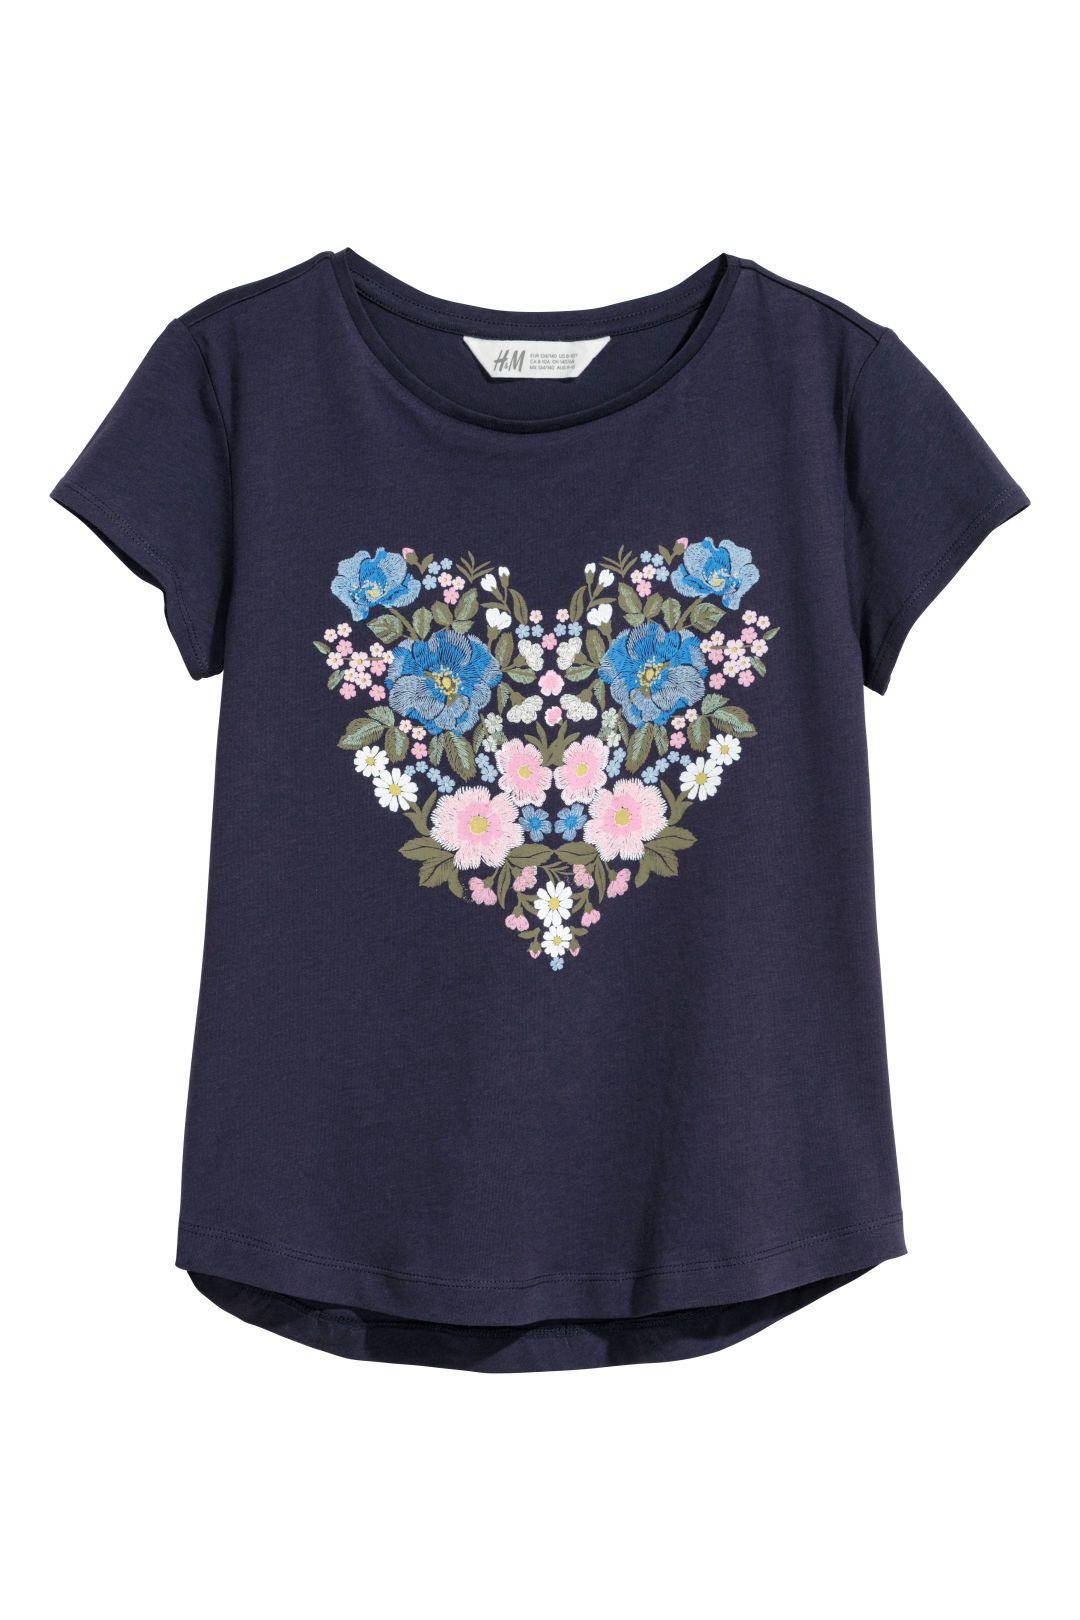 Hasbro T-Shirt Bambina